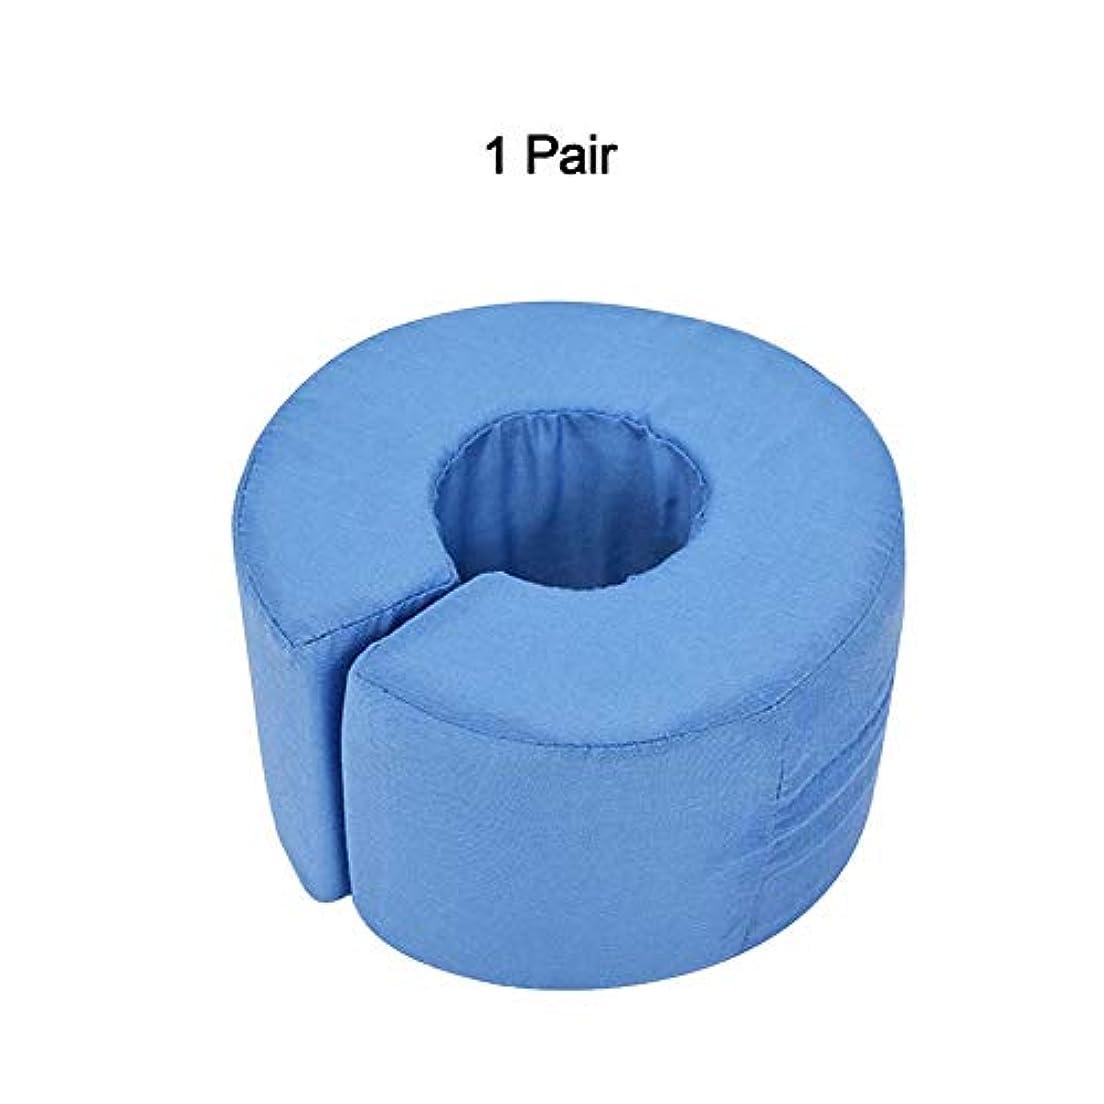 松明振る舞い学習軽量フットハンドフォームエレベータークッション、足首関節休息サポート枕、足の圧力を和らげる、1ペア,Blue